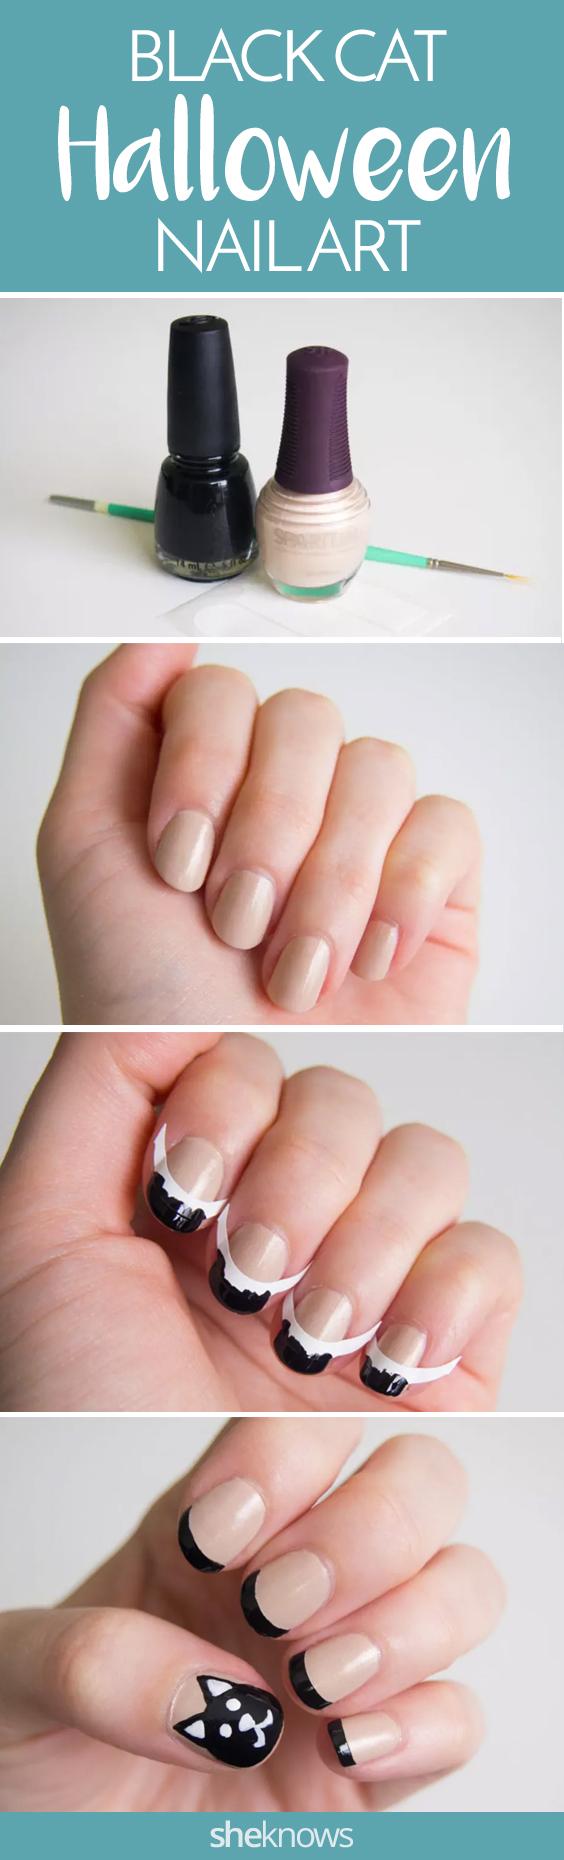 Pin it! Black cat nails